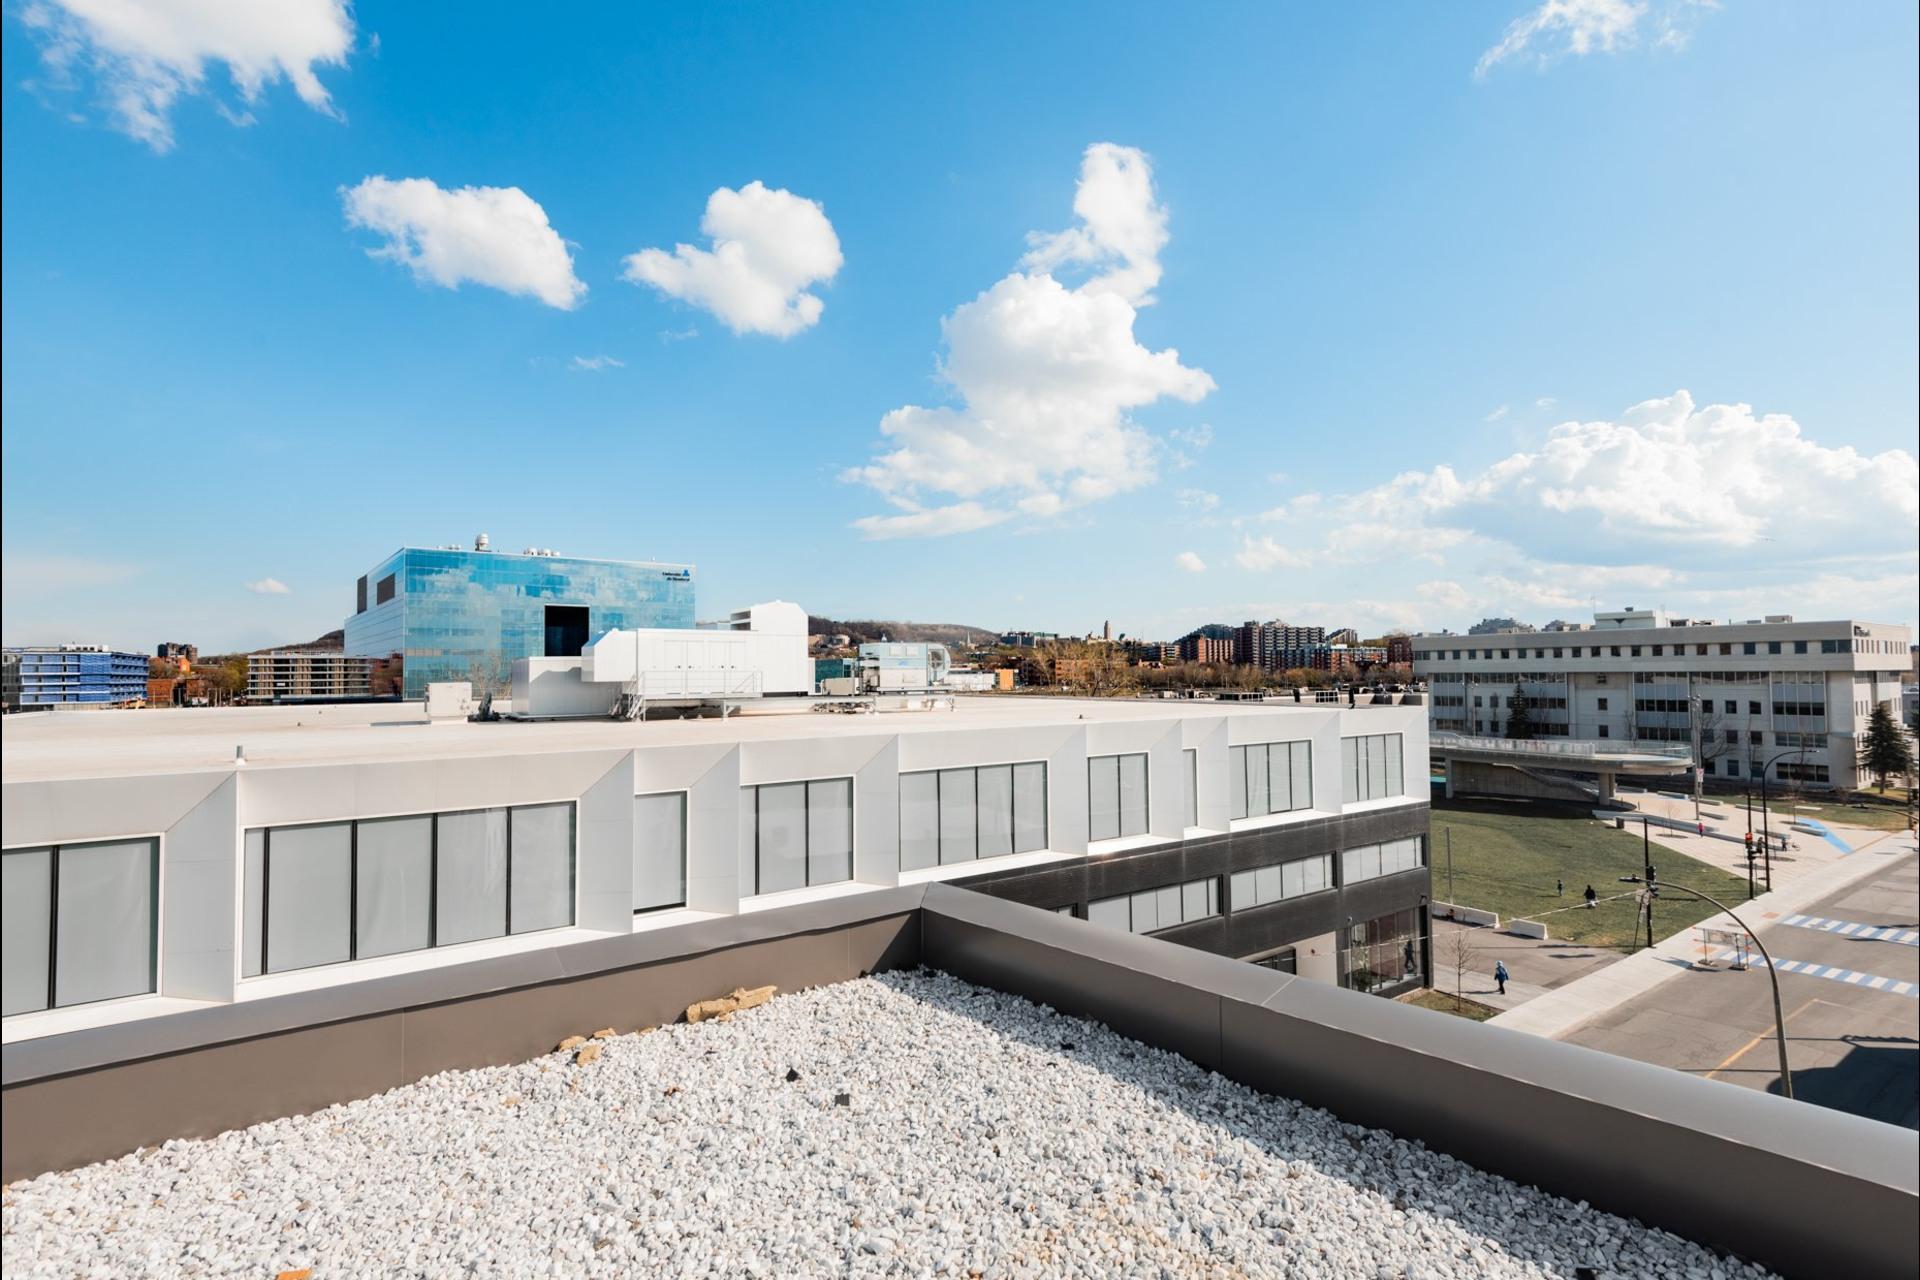 image 17 - Apartment For sale Villeray/Saint-Michel/Parc-Extension Montréal  - 3 rooms